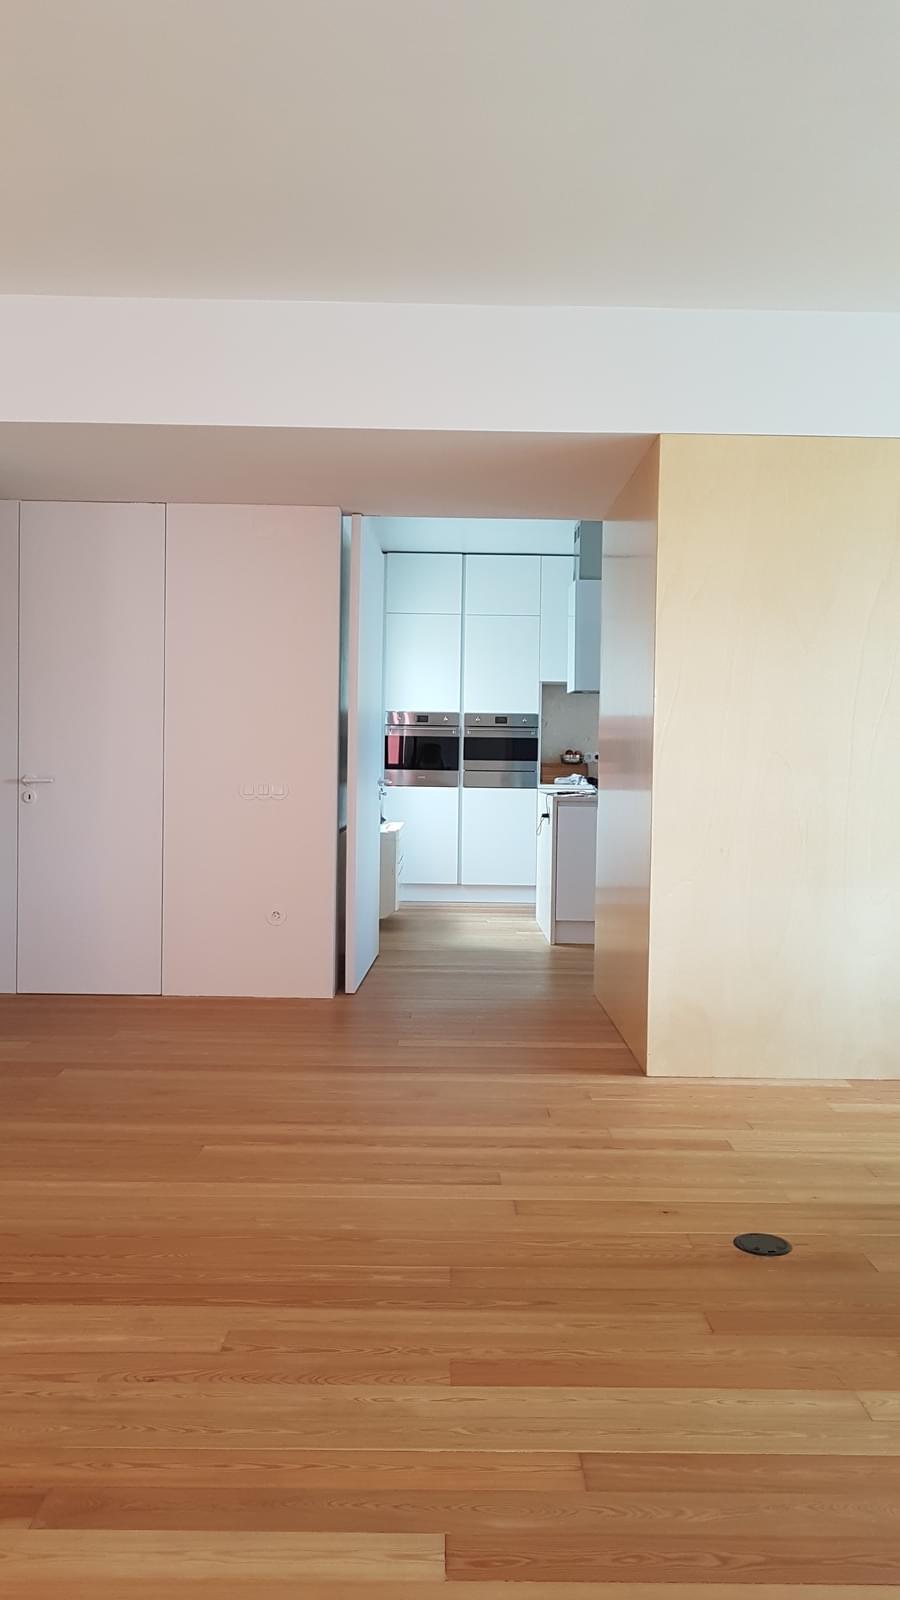 PF11872, Apartment T4, LISBOA